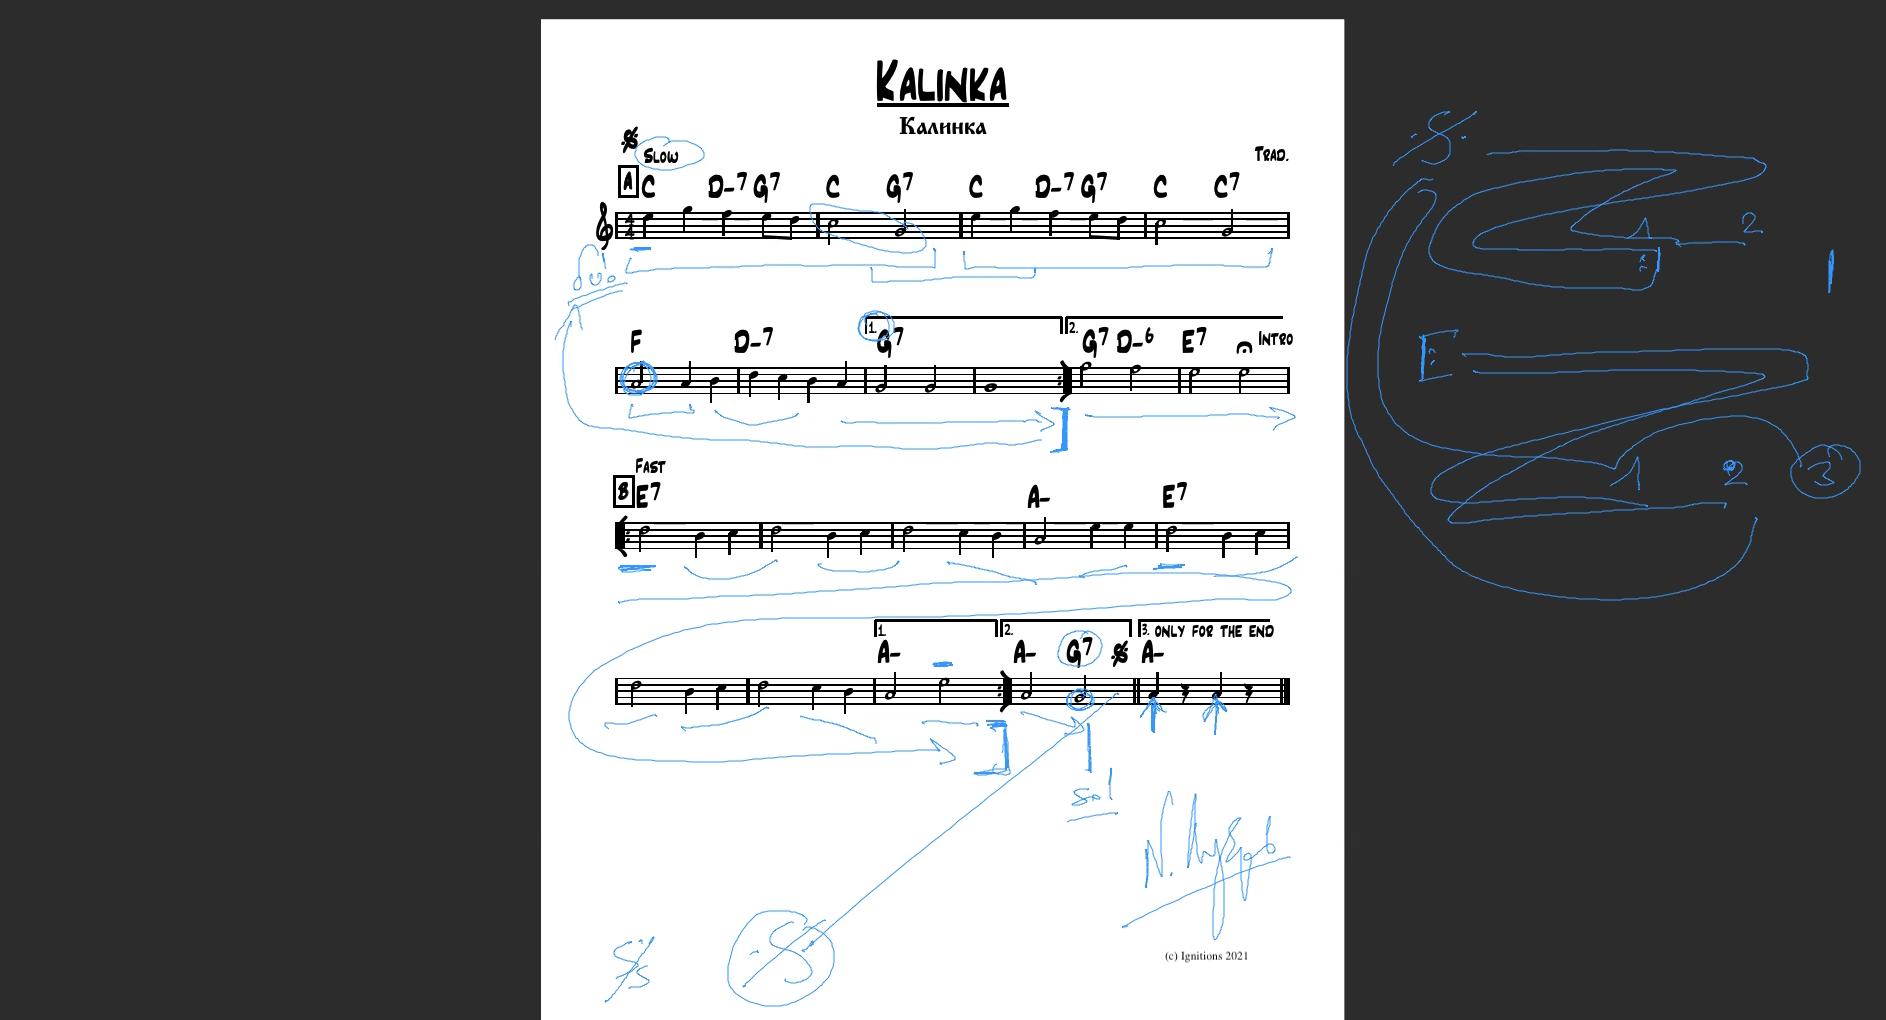 59711 - e-Μάθημα:Kalinka, μεταλλόφωνο και μαντολίνο.(Dessin)